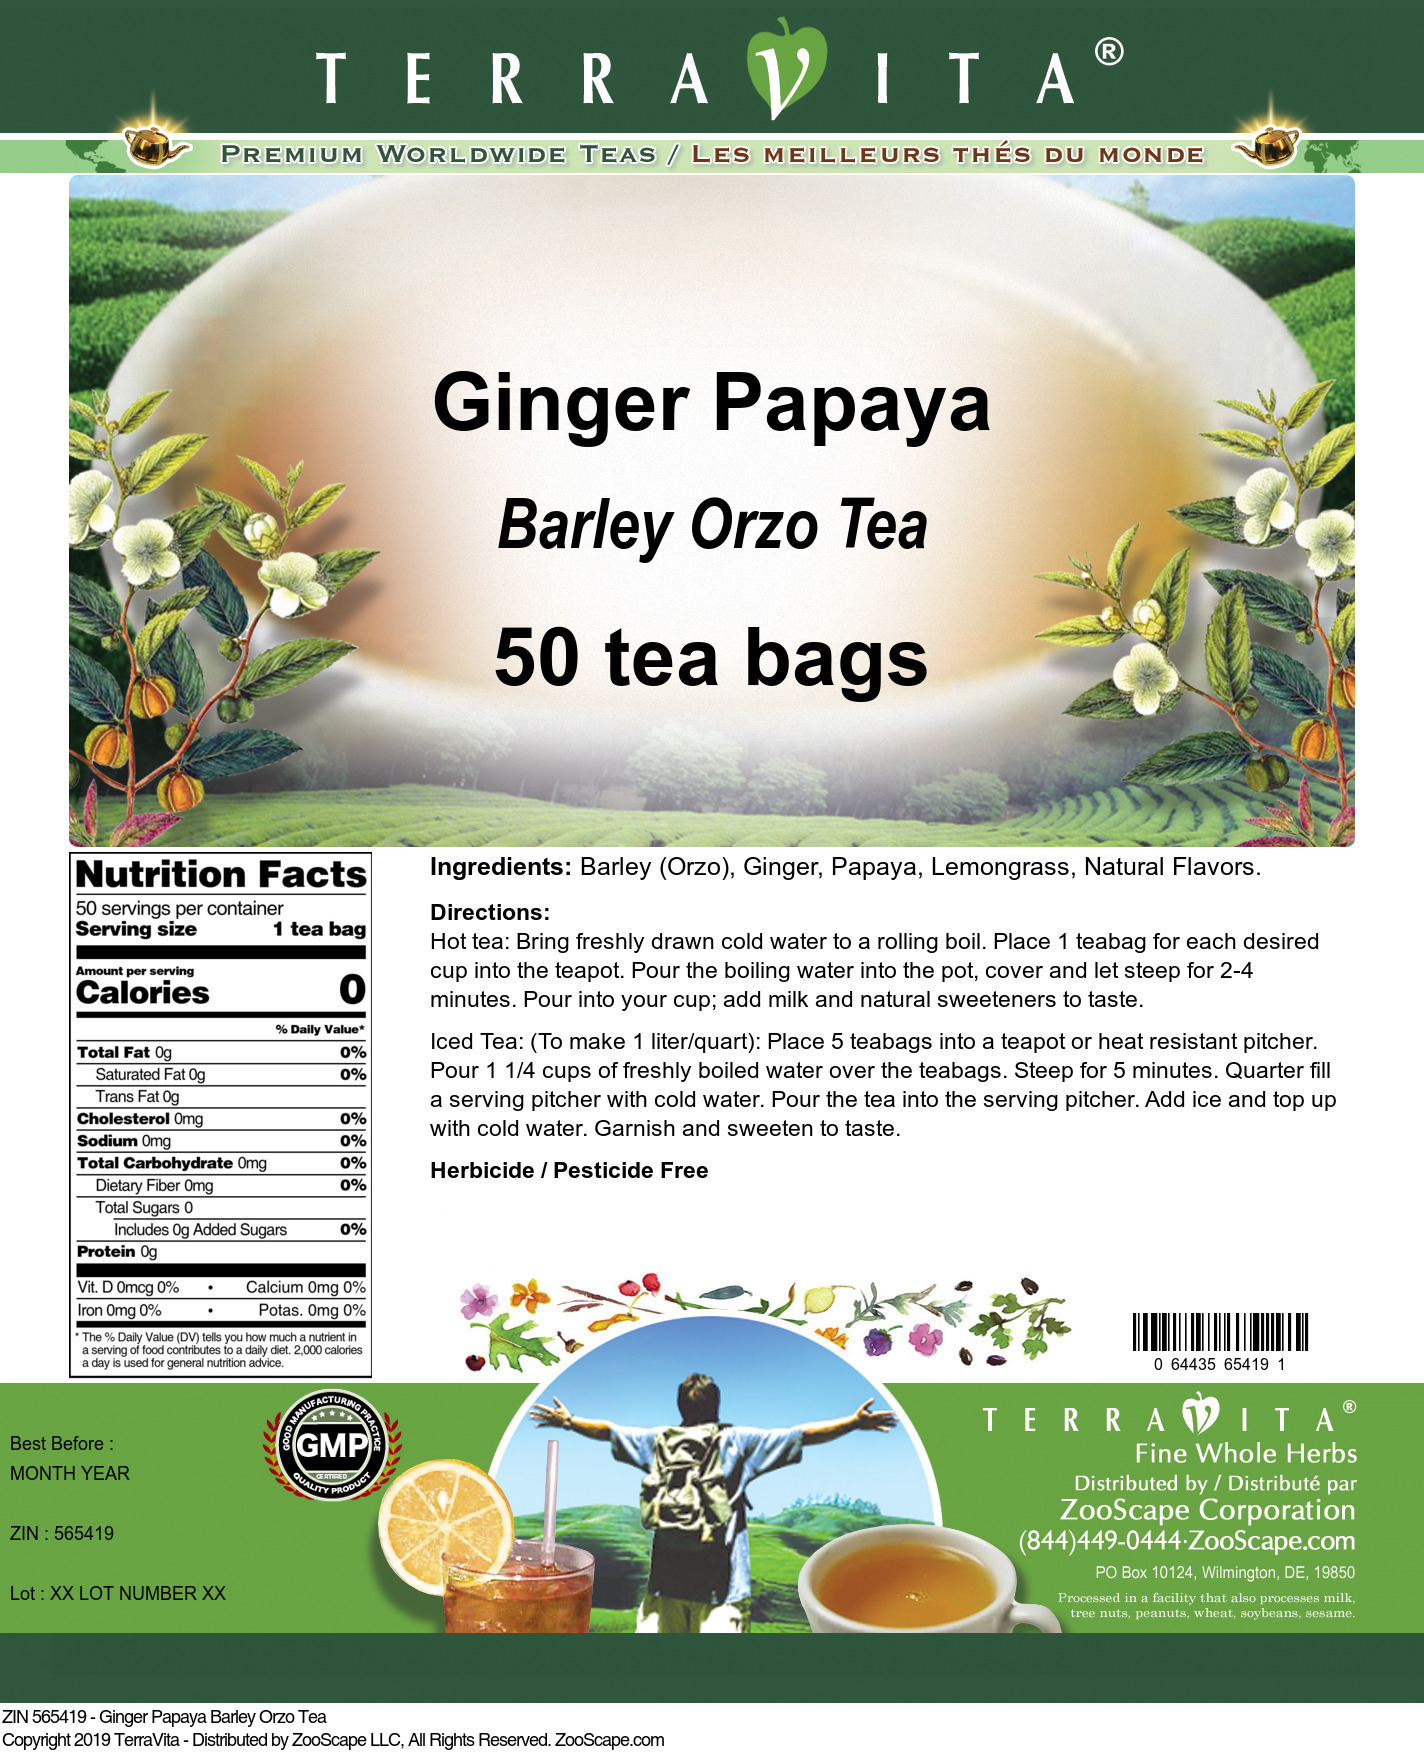 Ginger Papaya Barley Orzo Tea